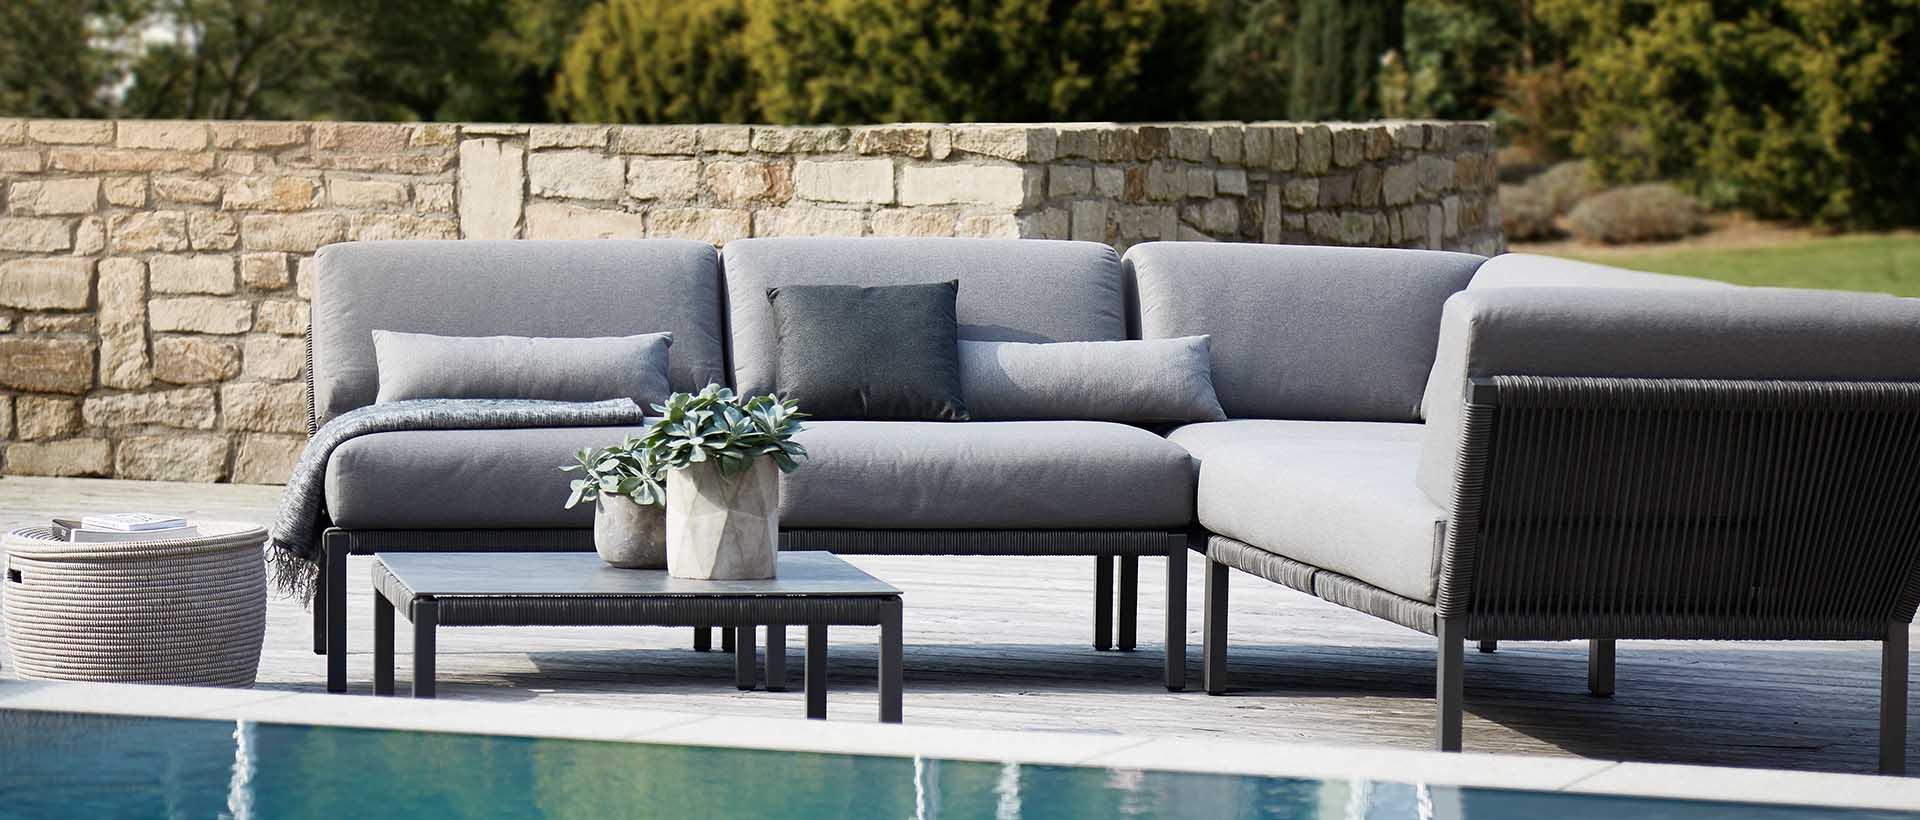 Gartenmöbel - Exklusive Möbel-Auswahl bei Mazuvo